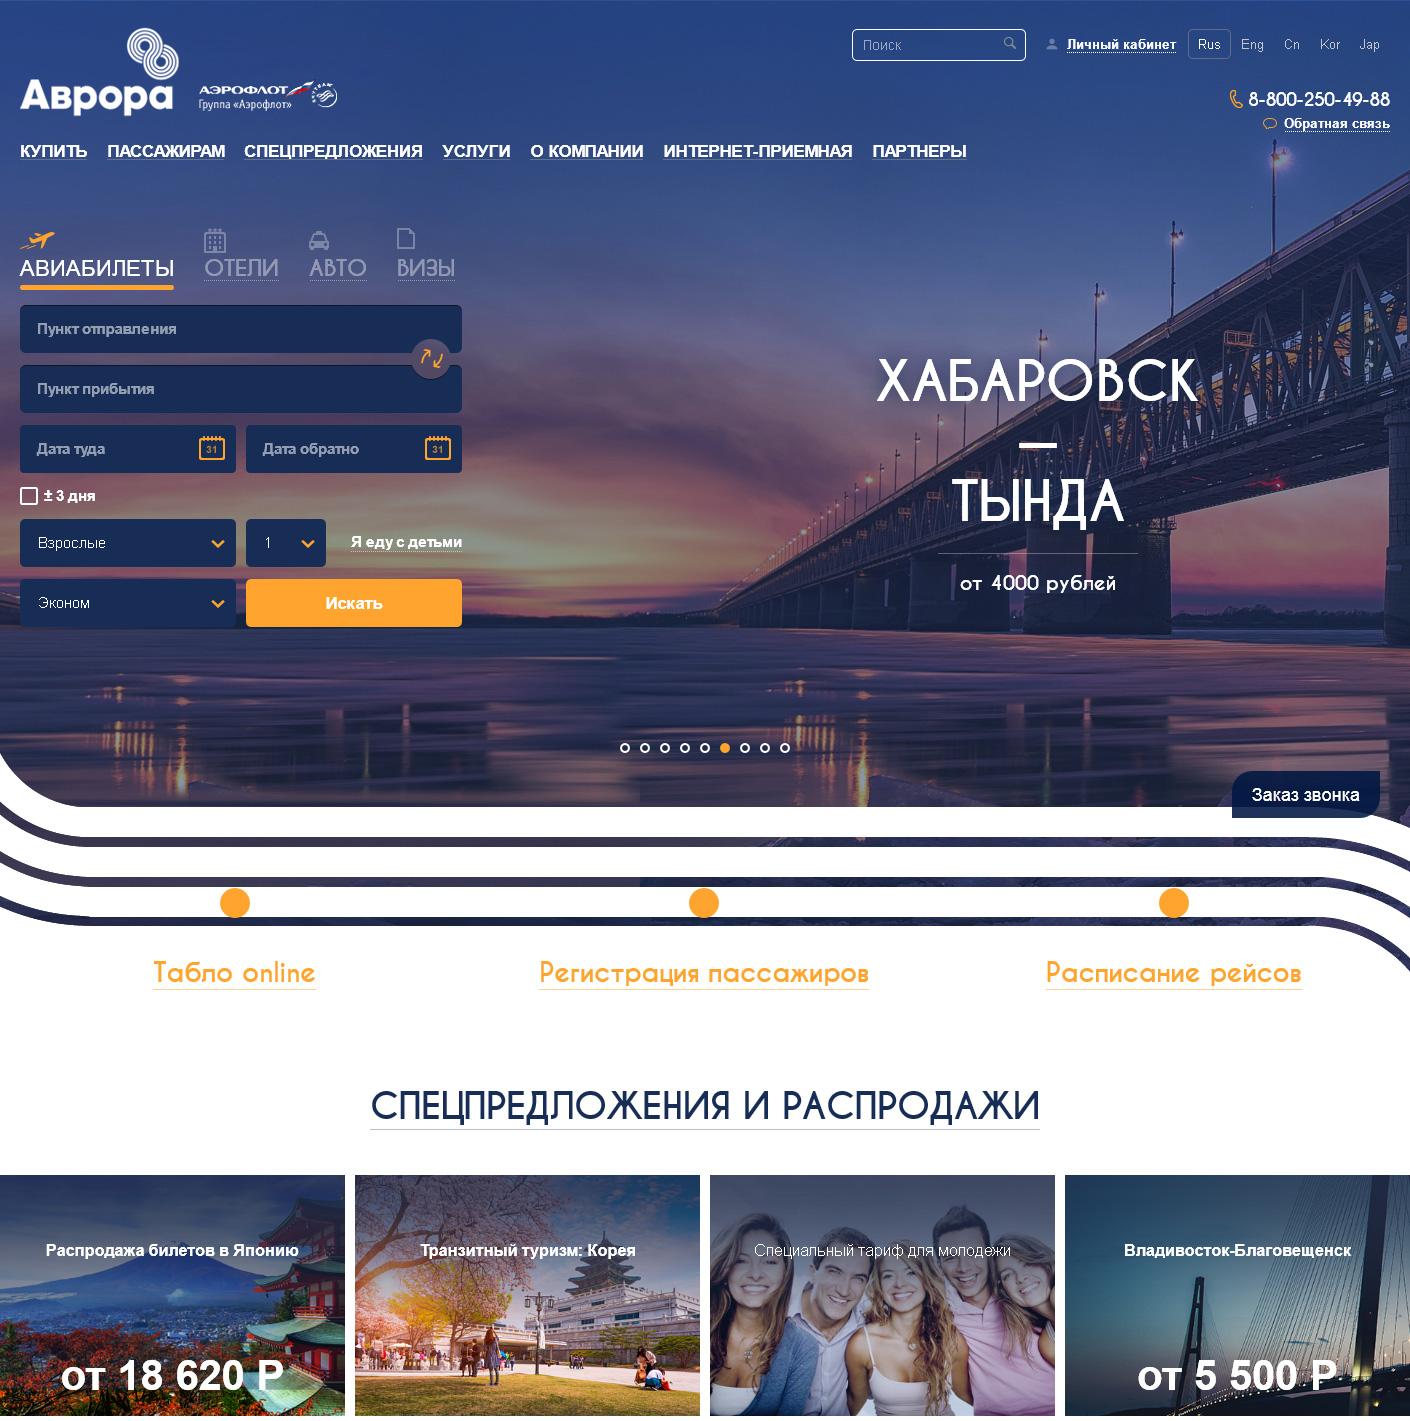 Официальный сайт авиакомпании Аврора